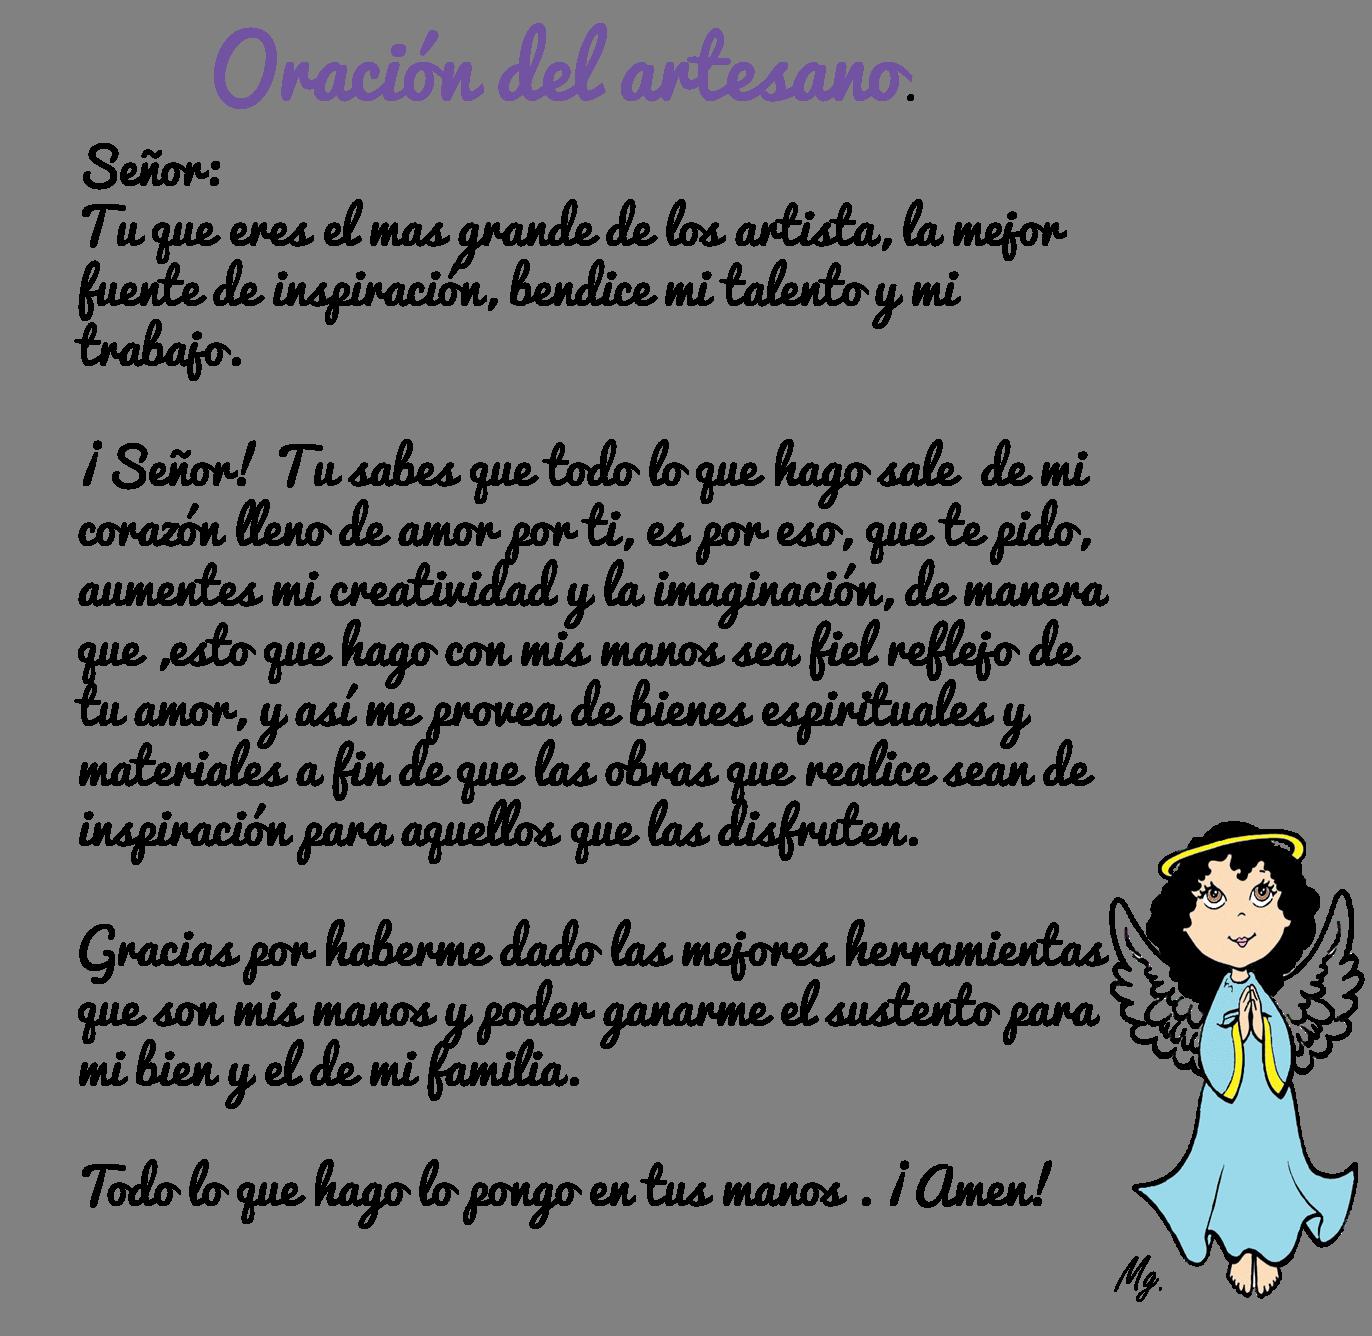 Frase de la semana....ORACION DEL ARTESANO | Artesanos mx ...